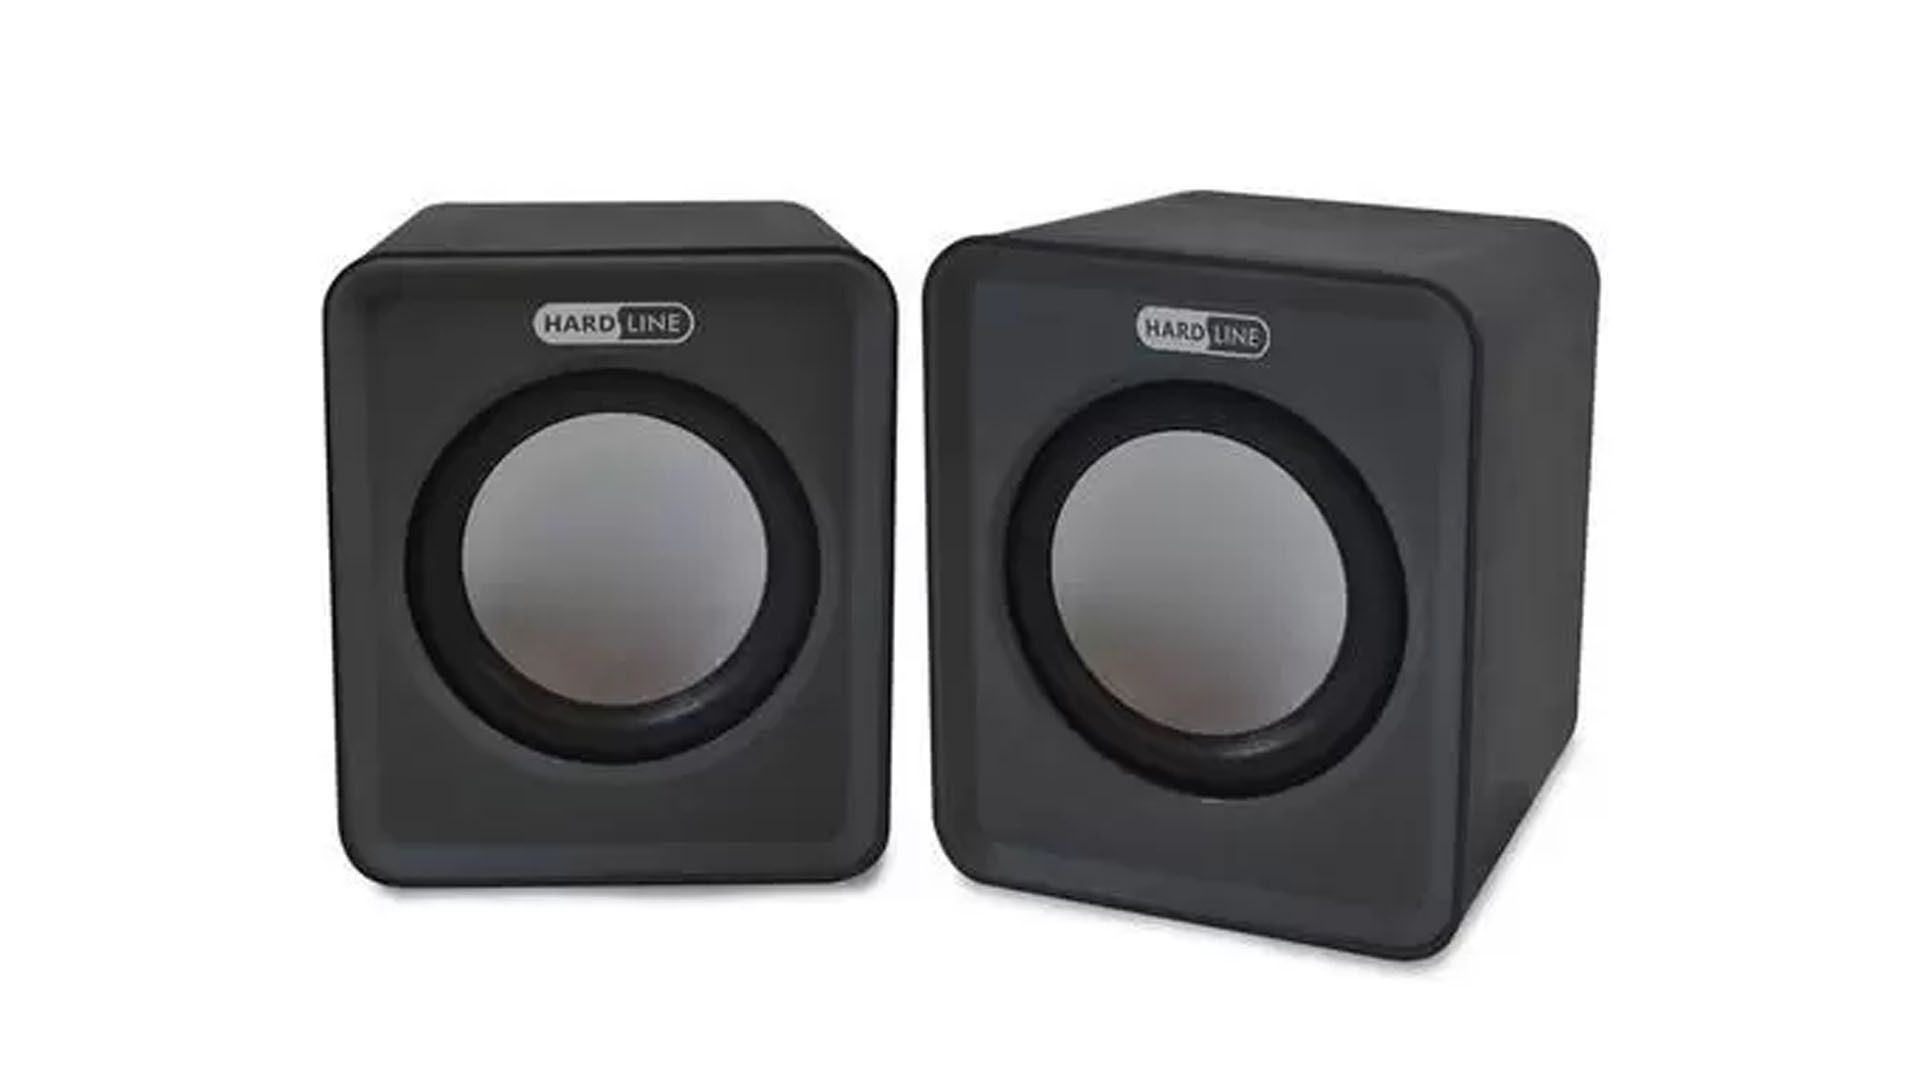 Caixa de som para PC da Hardline é compatível com vários dispositivos (Divulgação / Hardline)